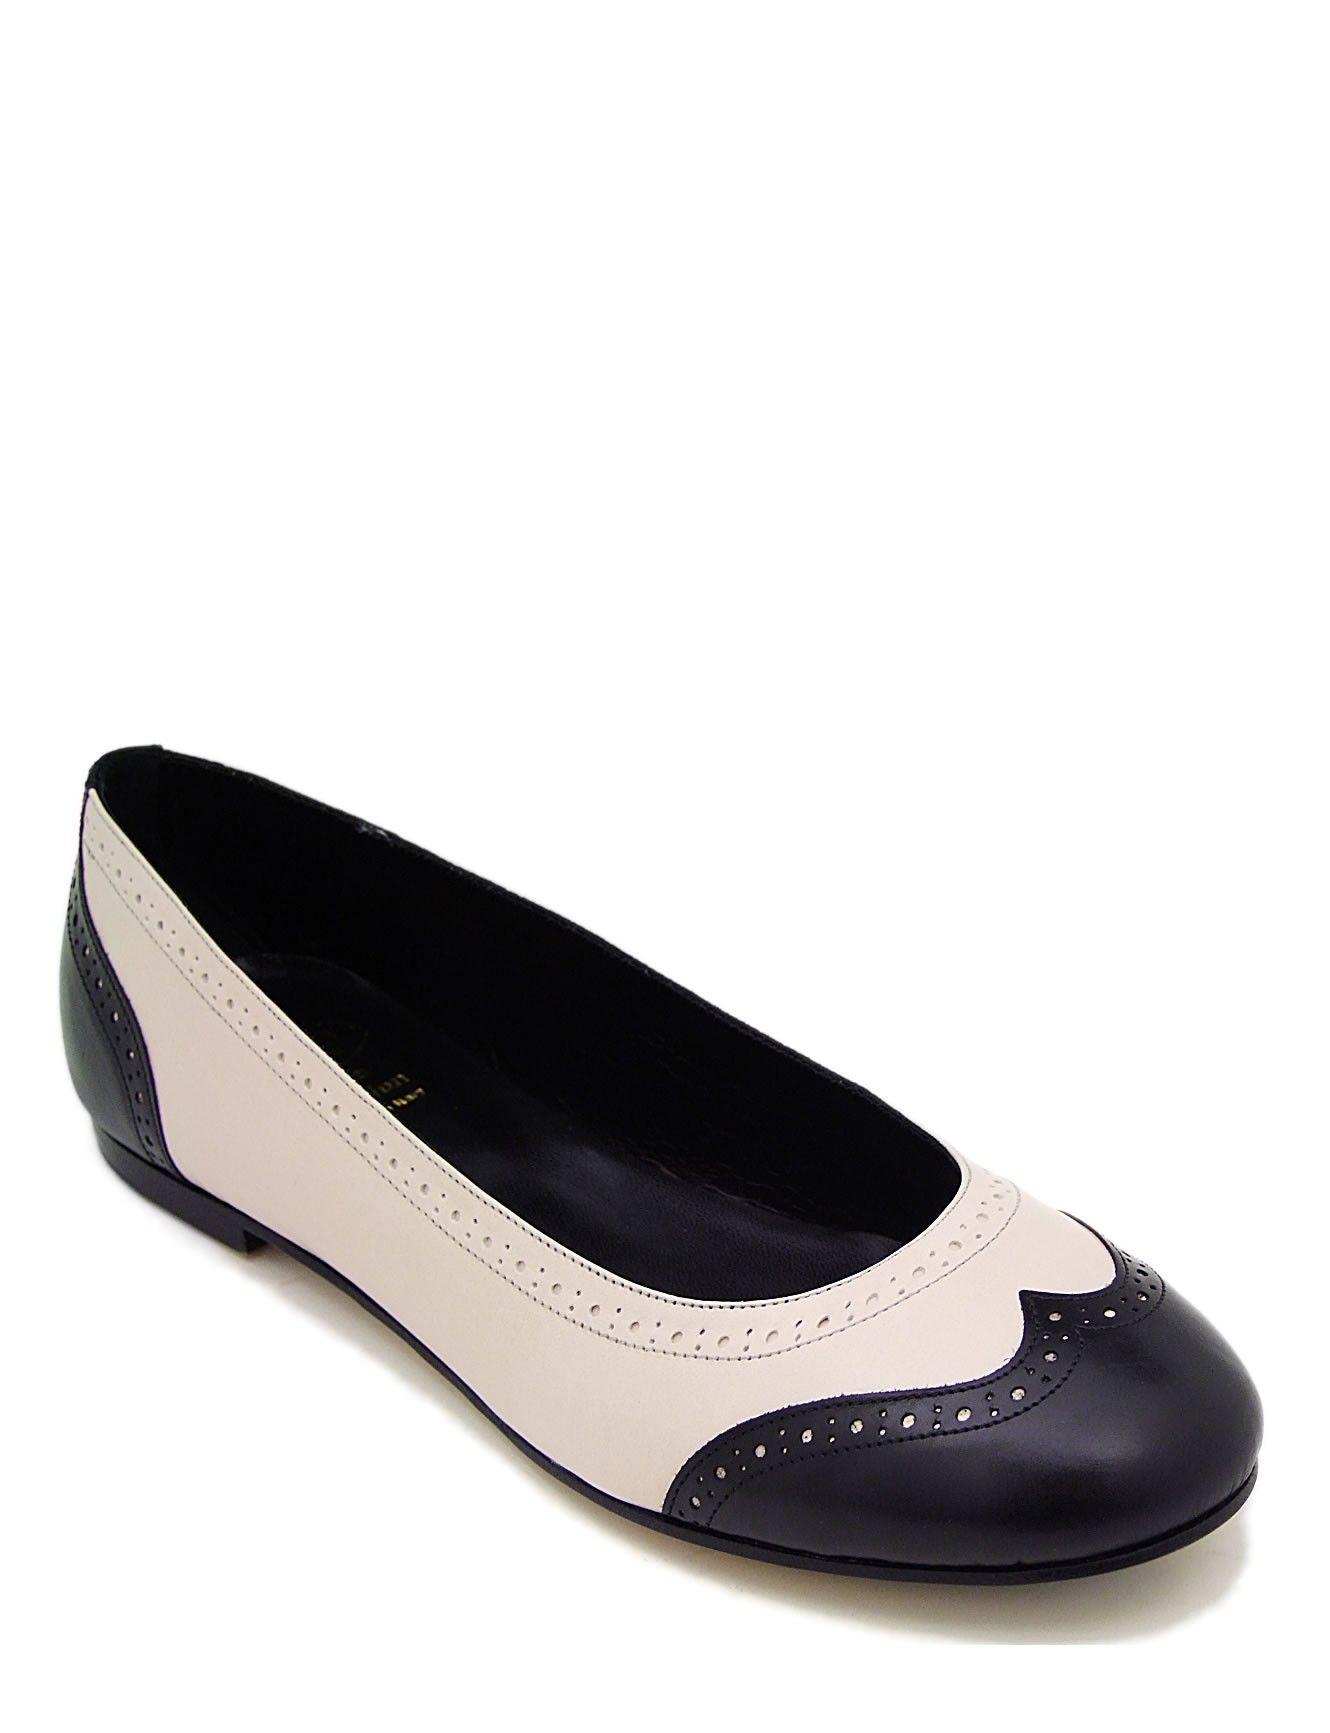 Italian shoes online | Ballerine, Stile